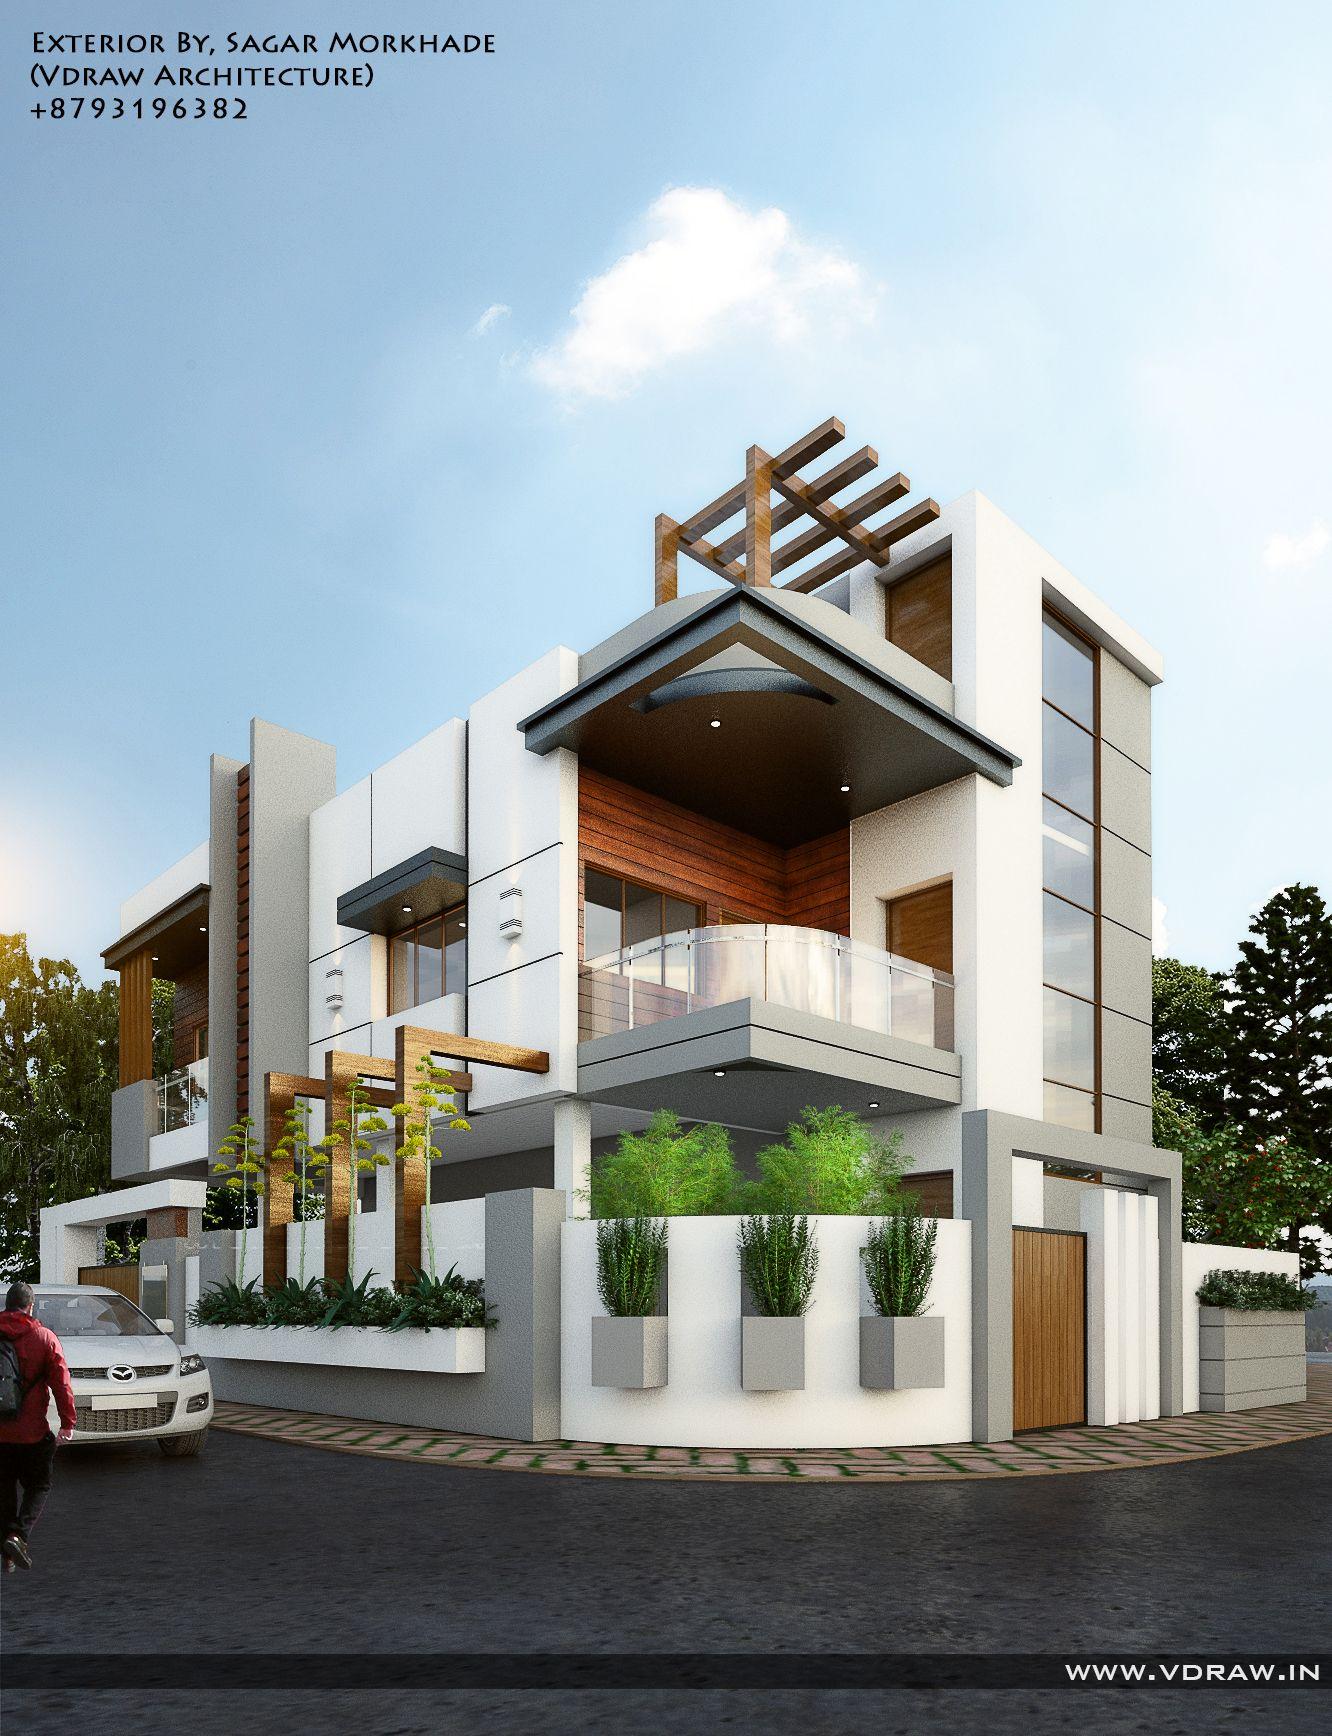 Exterior by sagar morkhade vdraw architecture 8793196382 façade villa plan maison